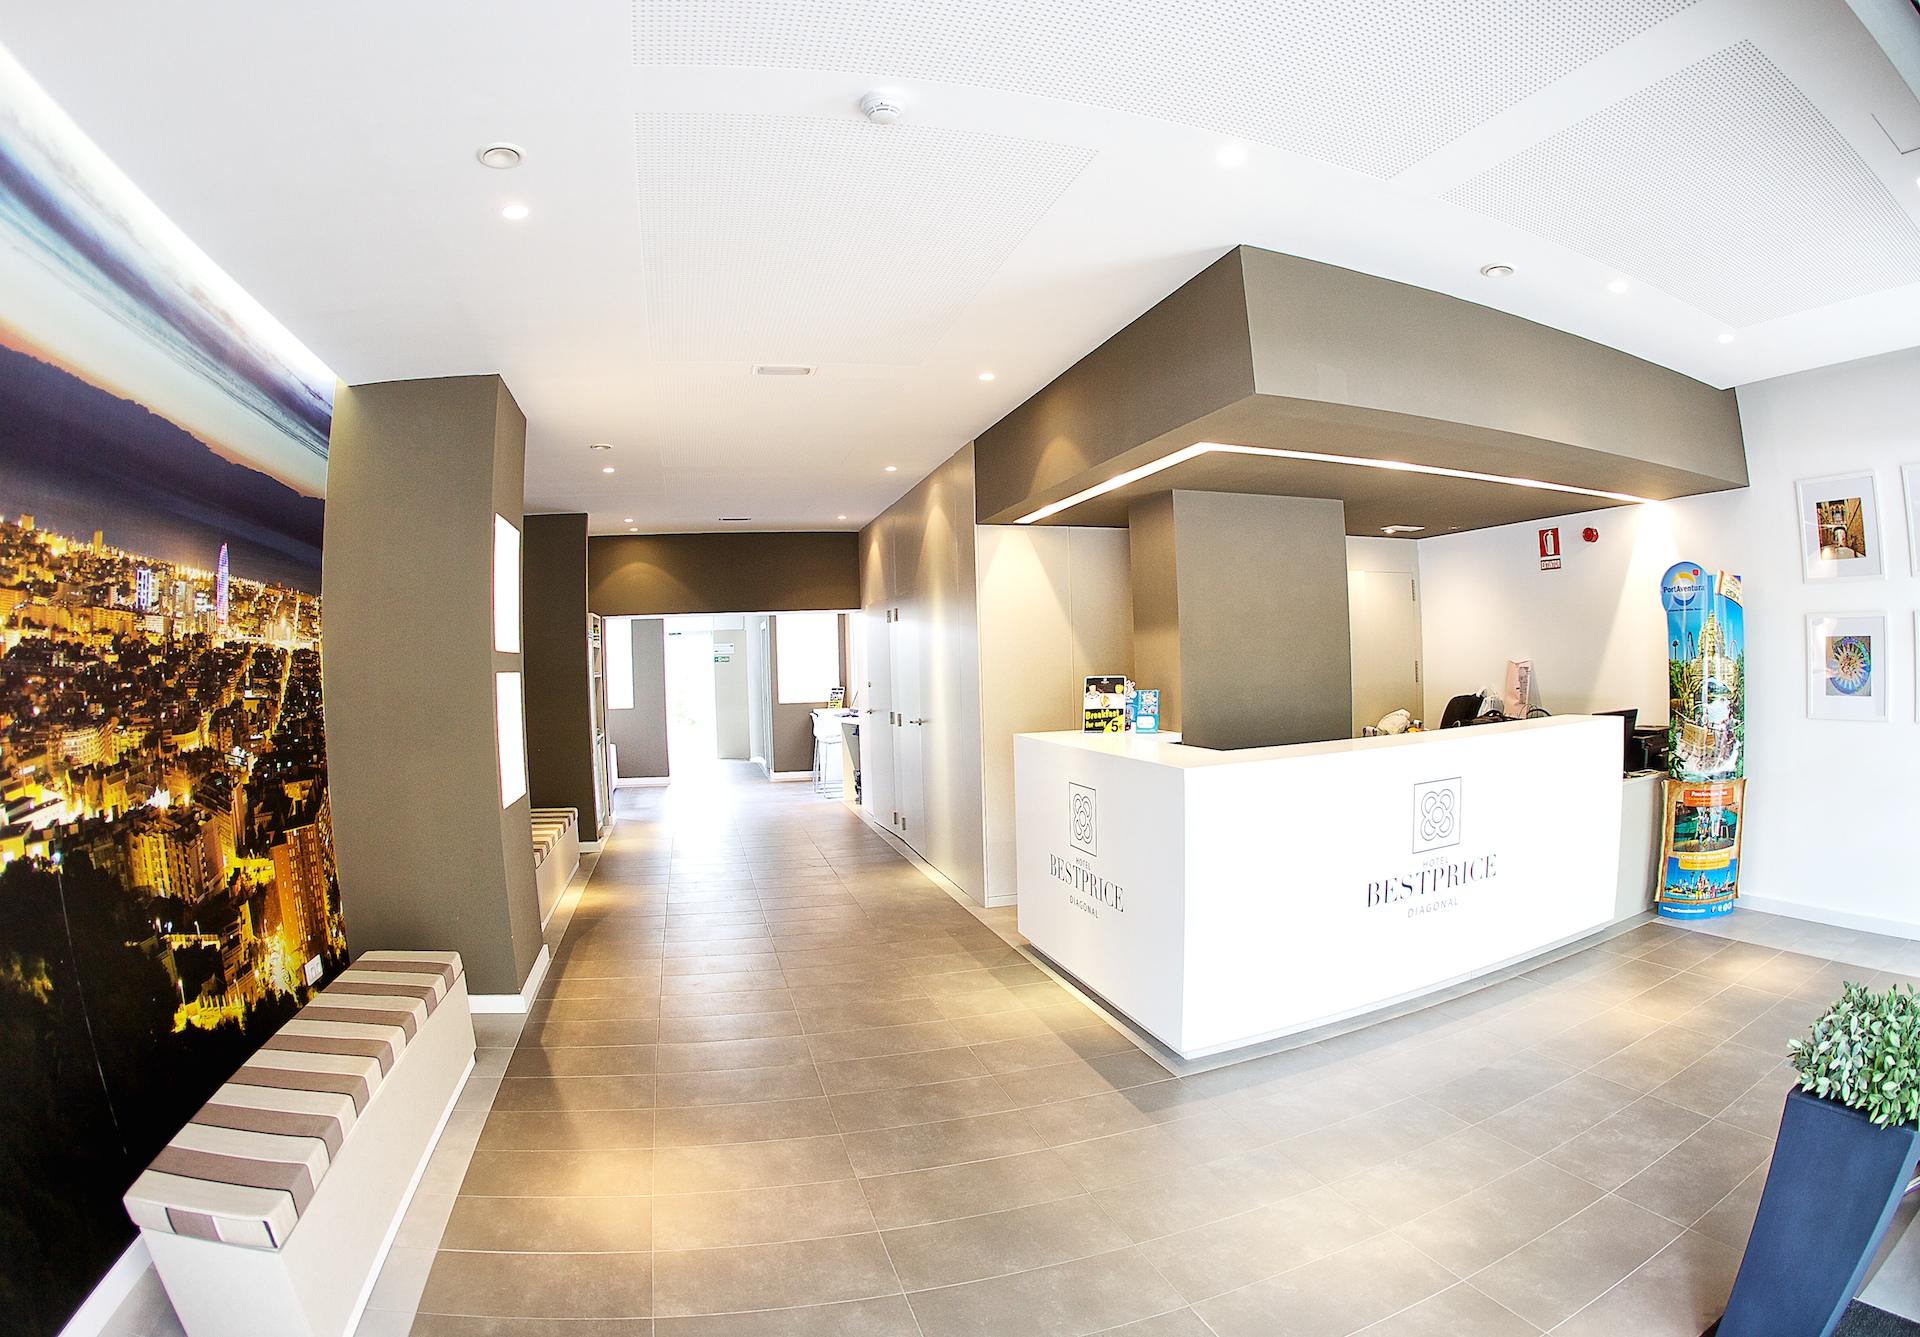 El hotel de emprendedores BESTPRICE Diagonal se afianza en Barcelona como referente e inspiración de start ups y nuevos empresarios